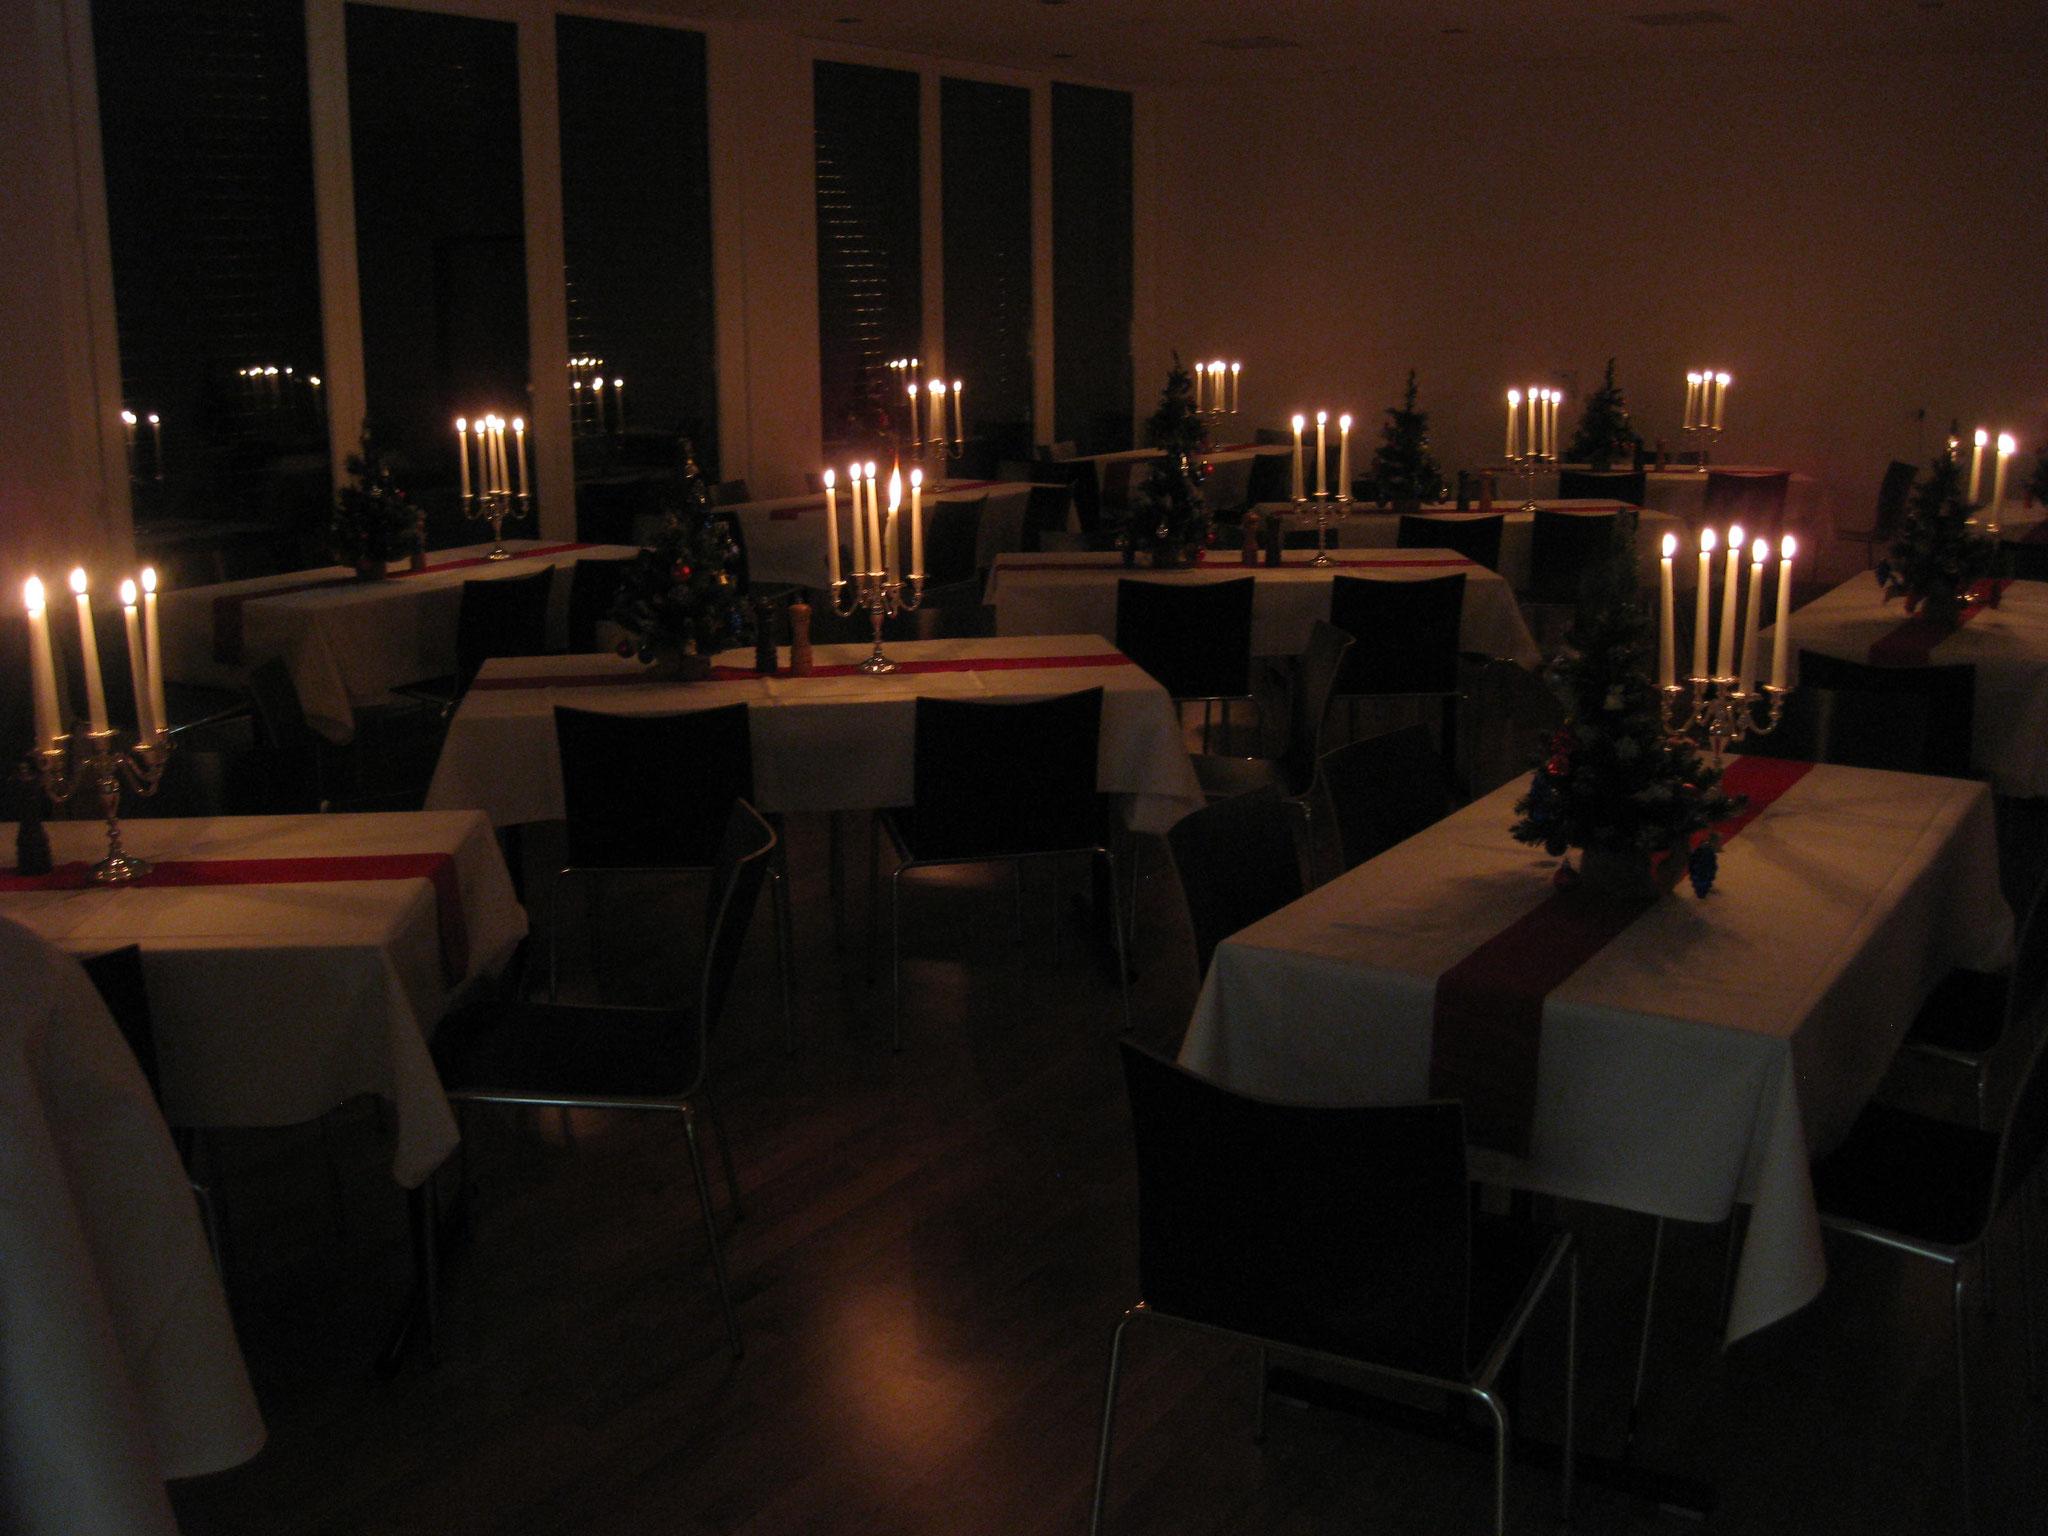 Dekoration mit Weihnachtsbäumen und Kerzen